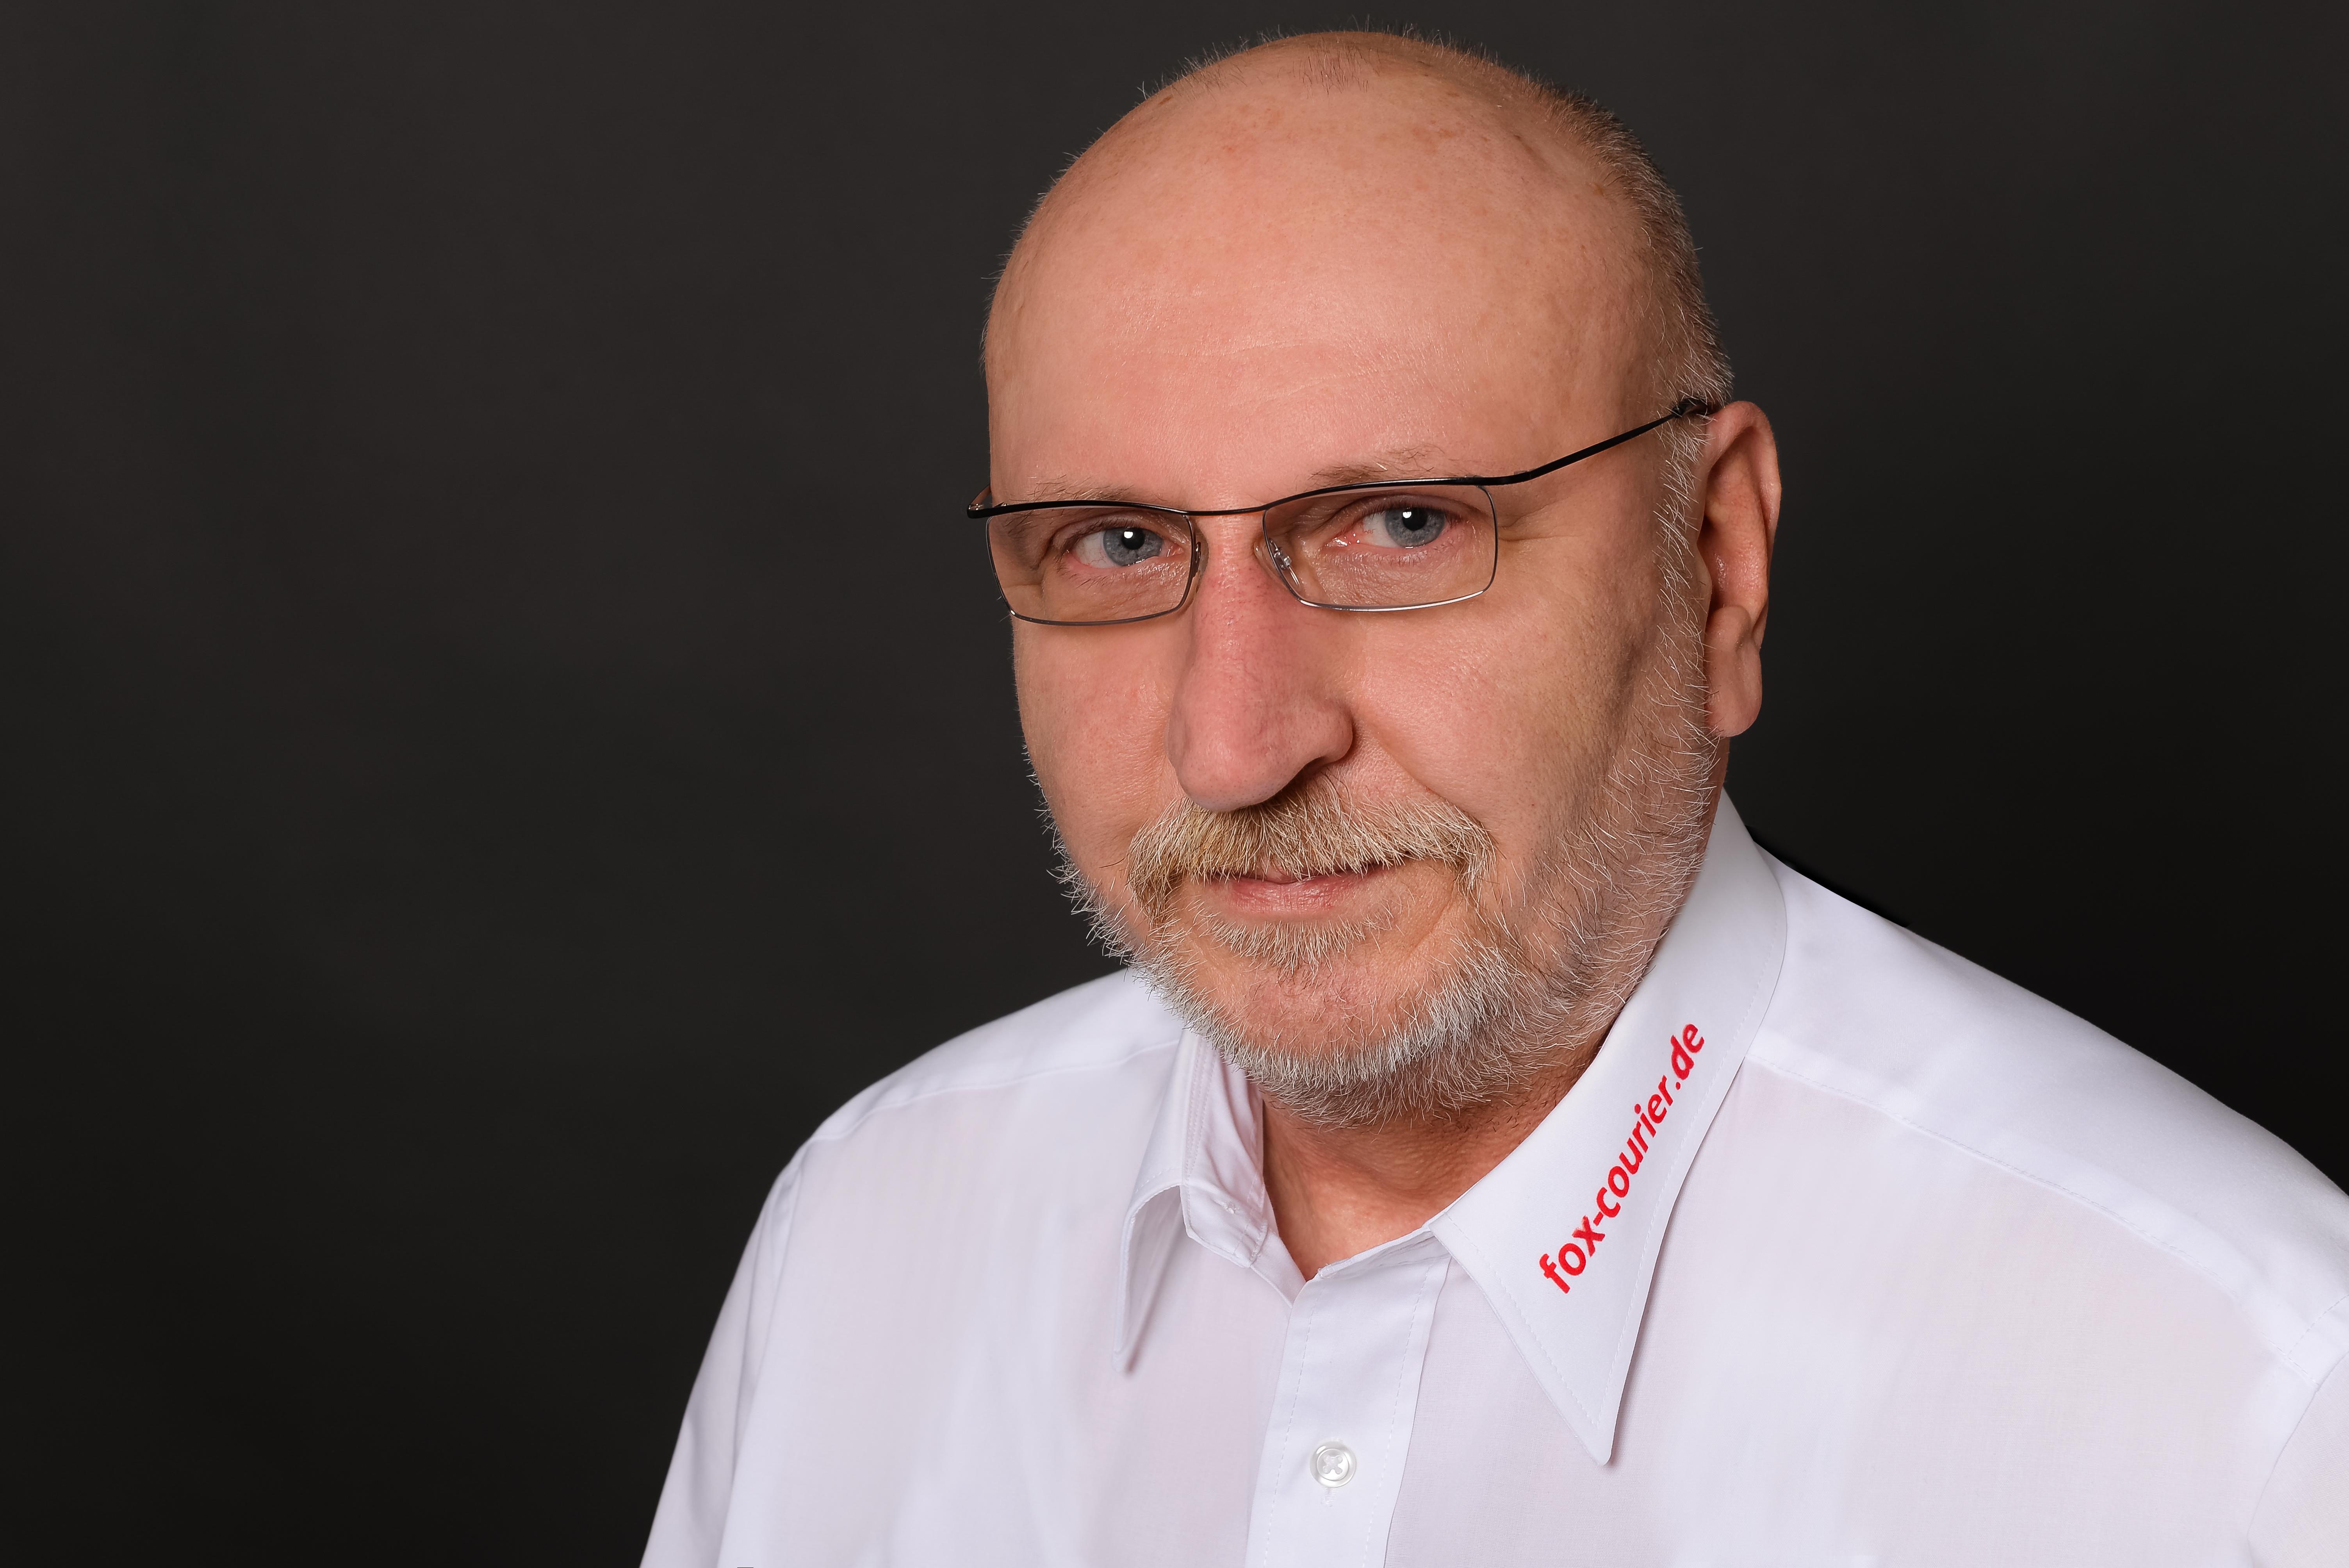 Norbert Waack